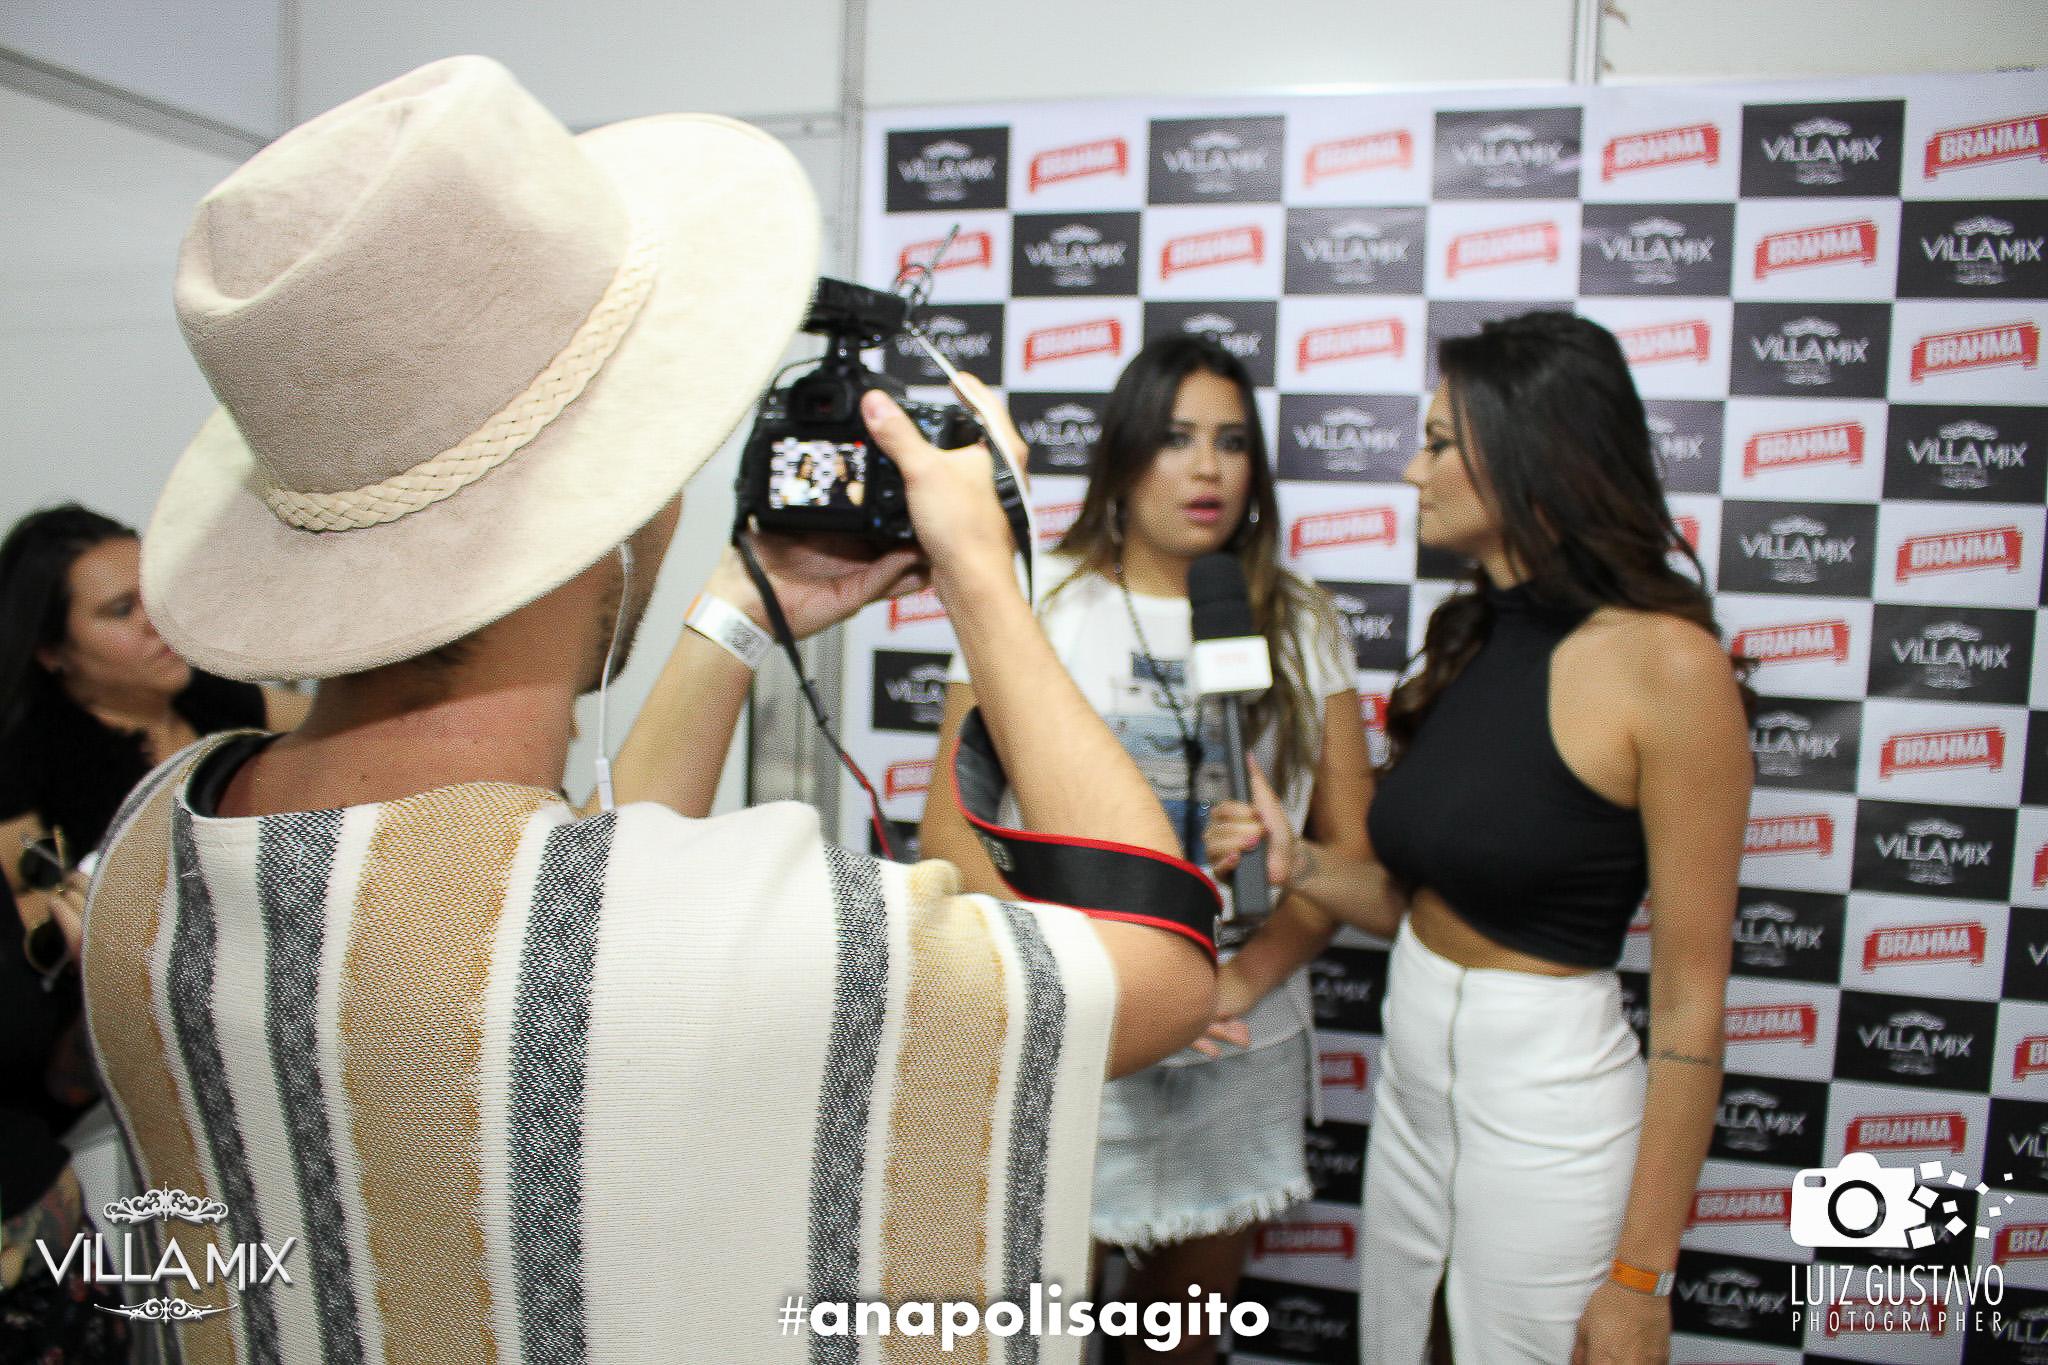 Luiz Gustavo Photographer (84 de 327)